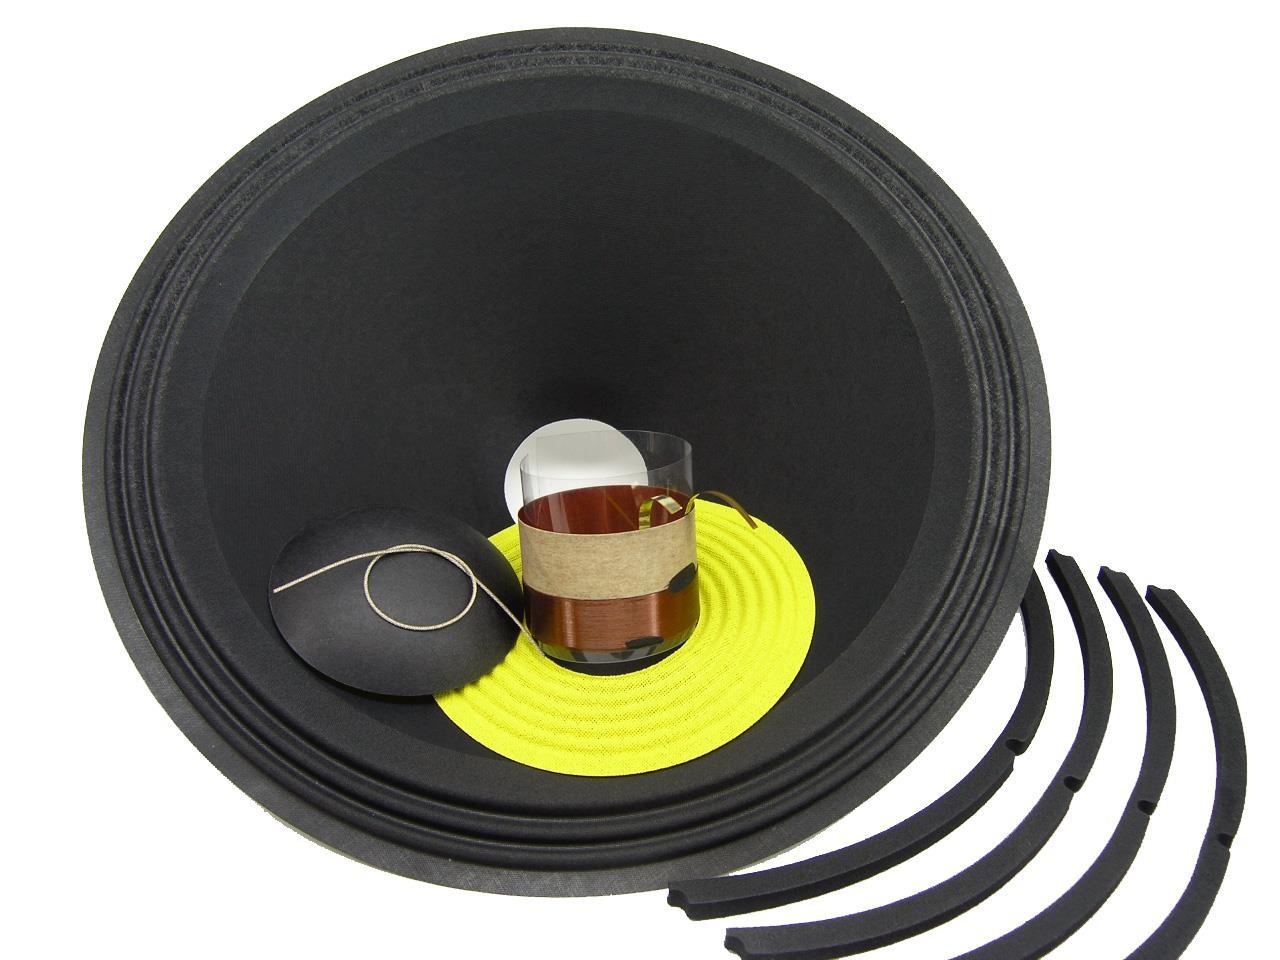 recone kit for jbl mr918 mr938 2042h 18 woofer ss audio speaker repair parts ebay. Black Bedroom Furniture Sets. Home Design Ideas